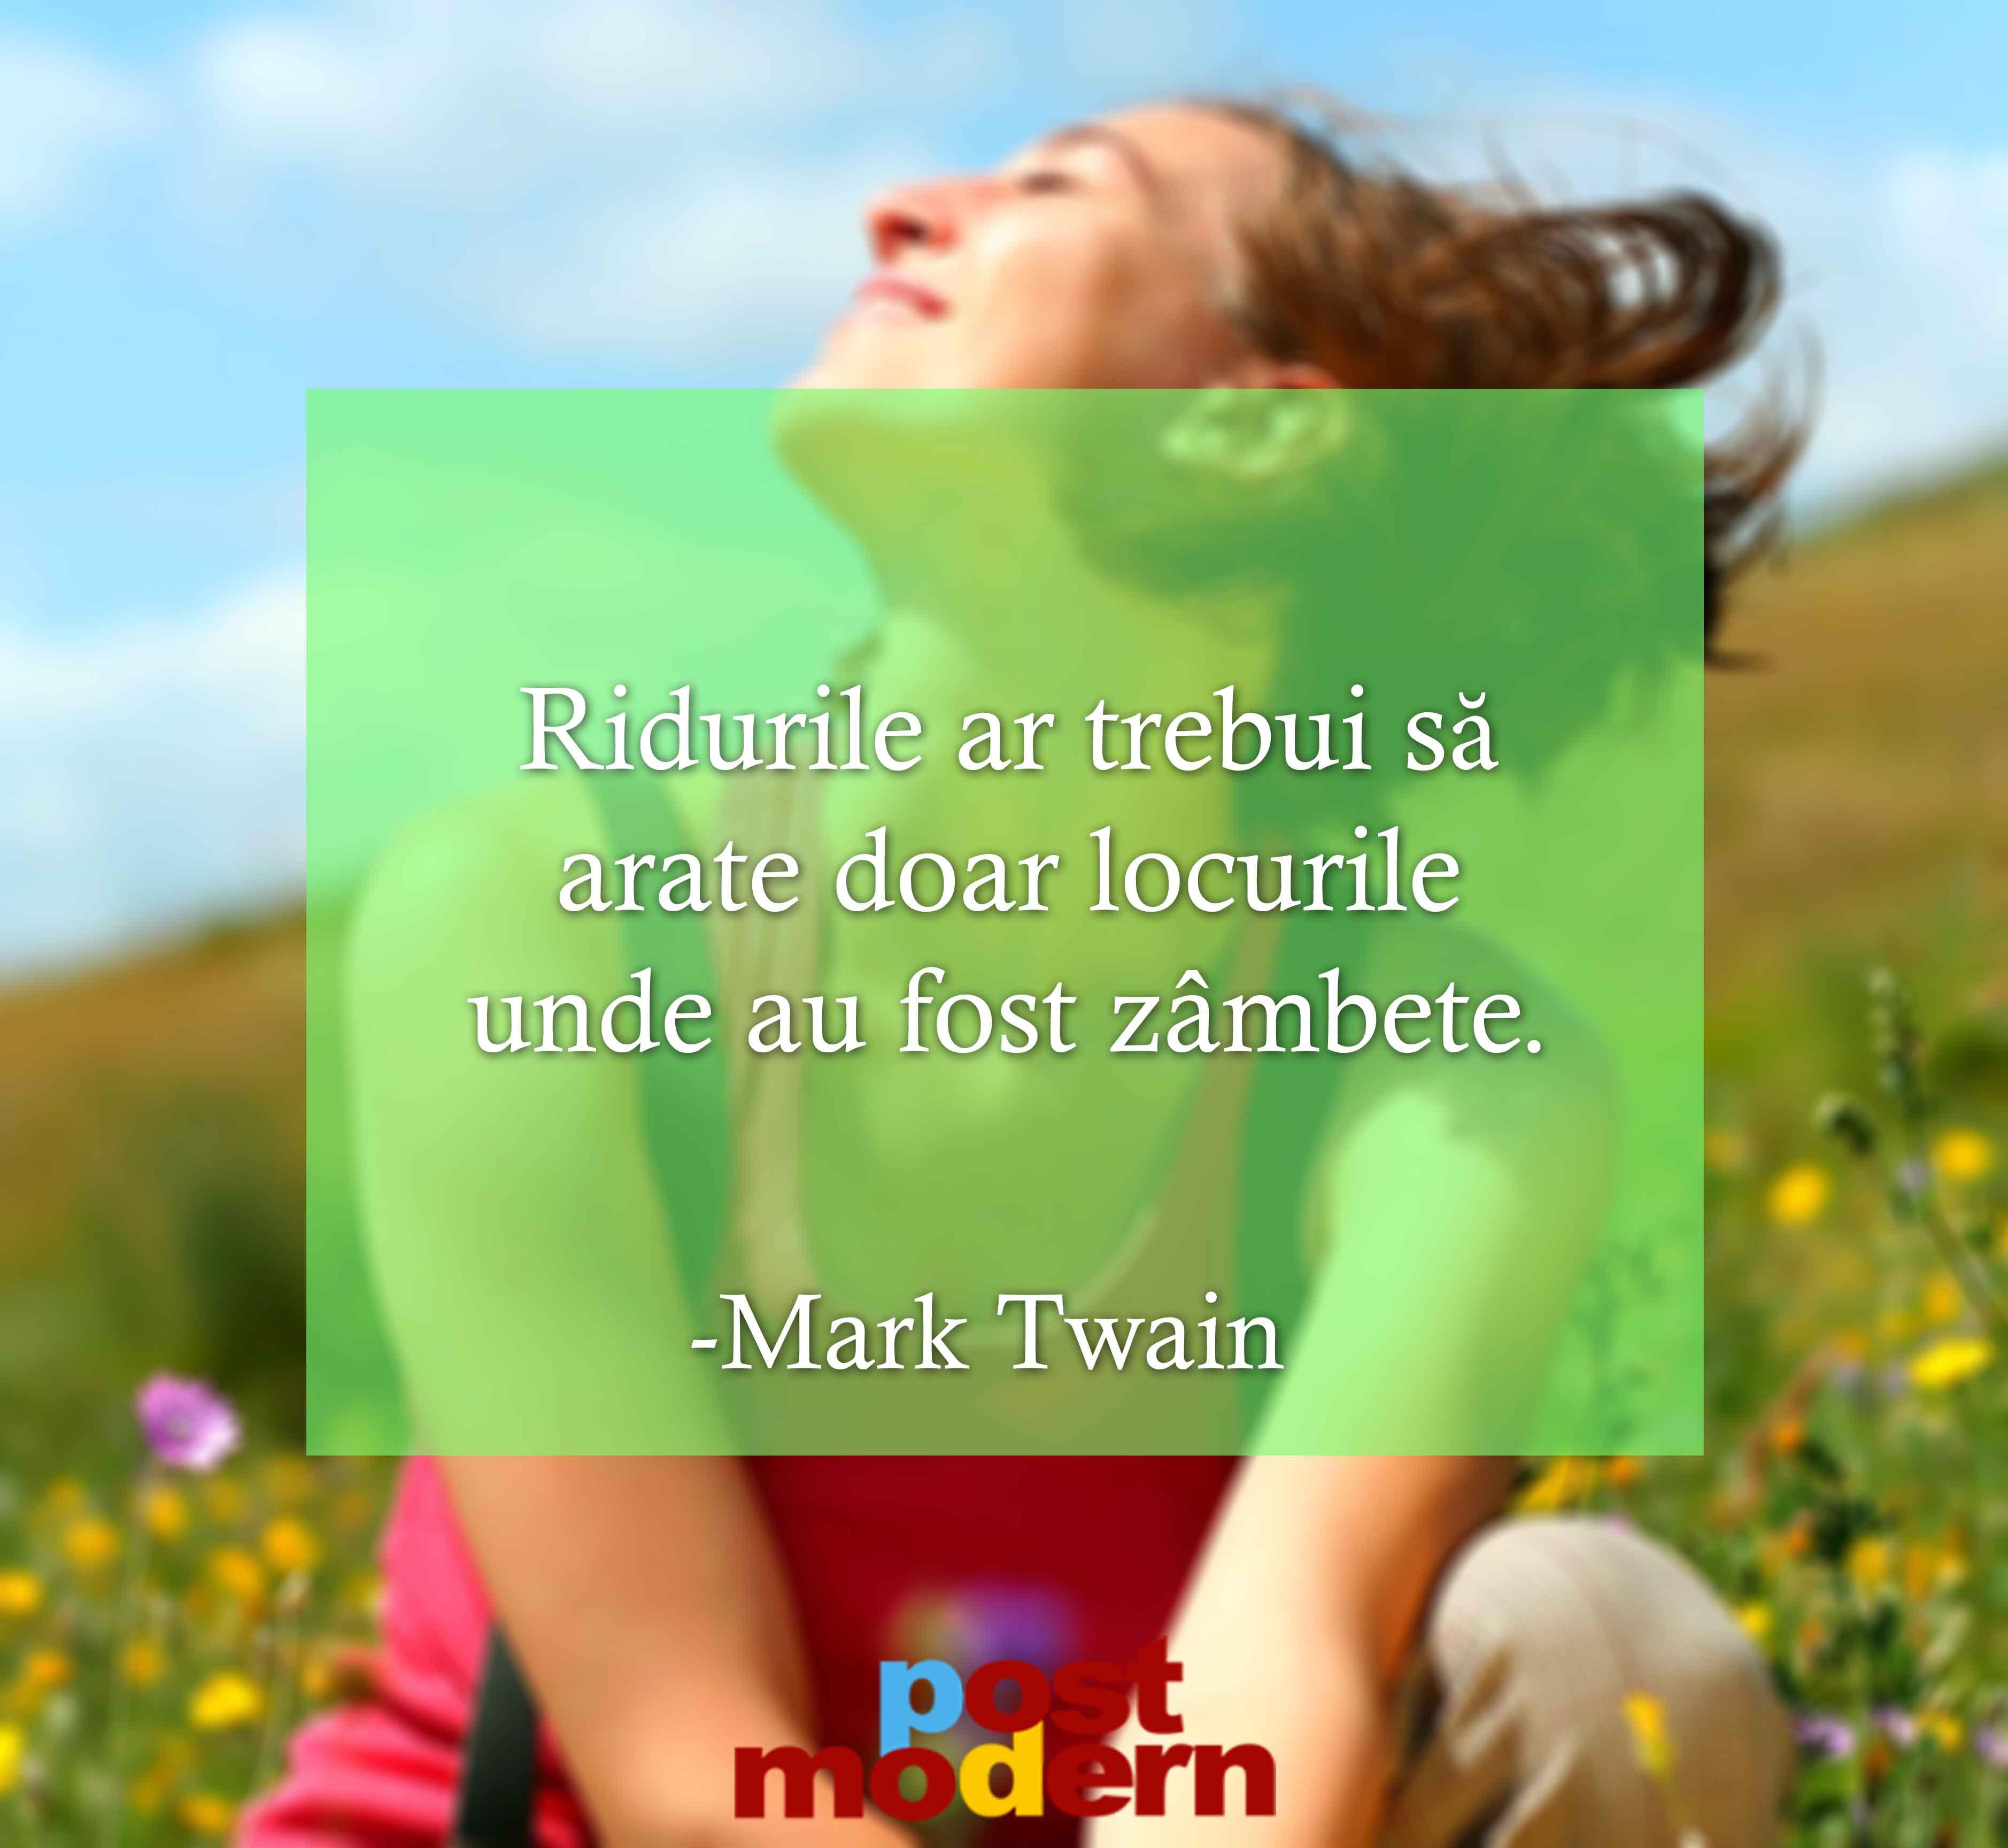 Mark Twain citate despre fericire